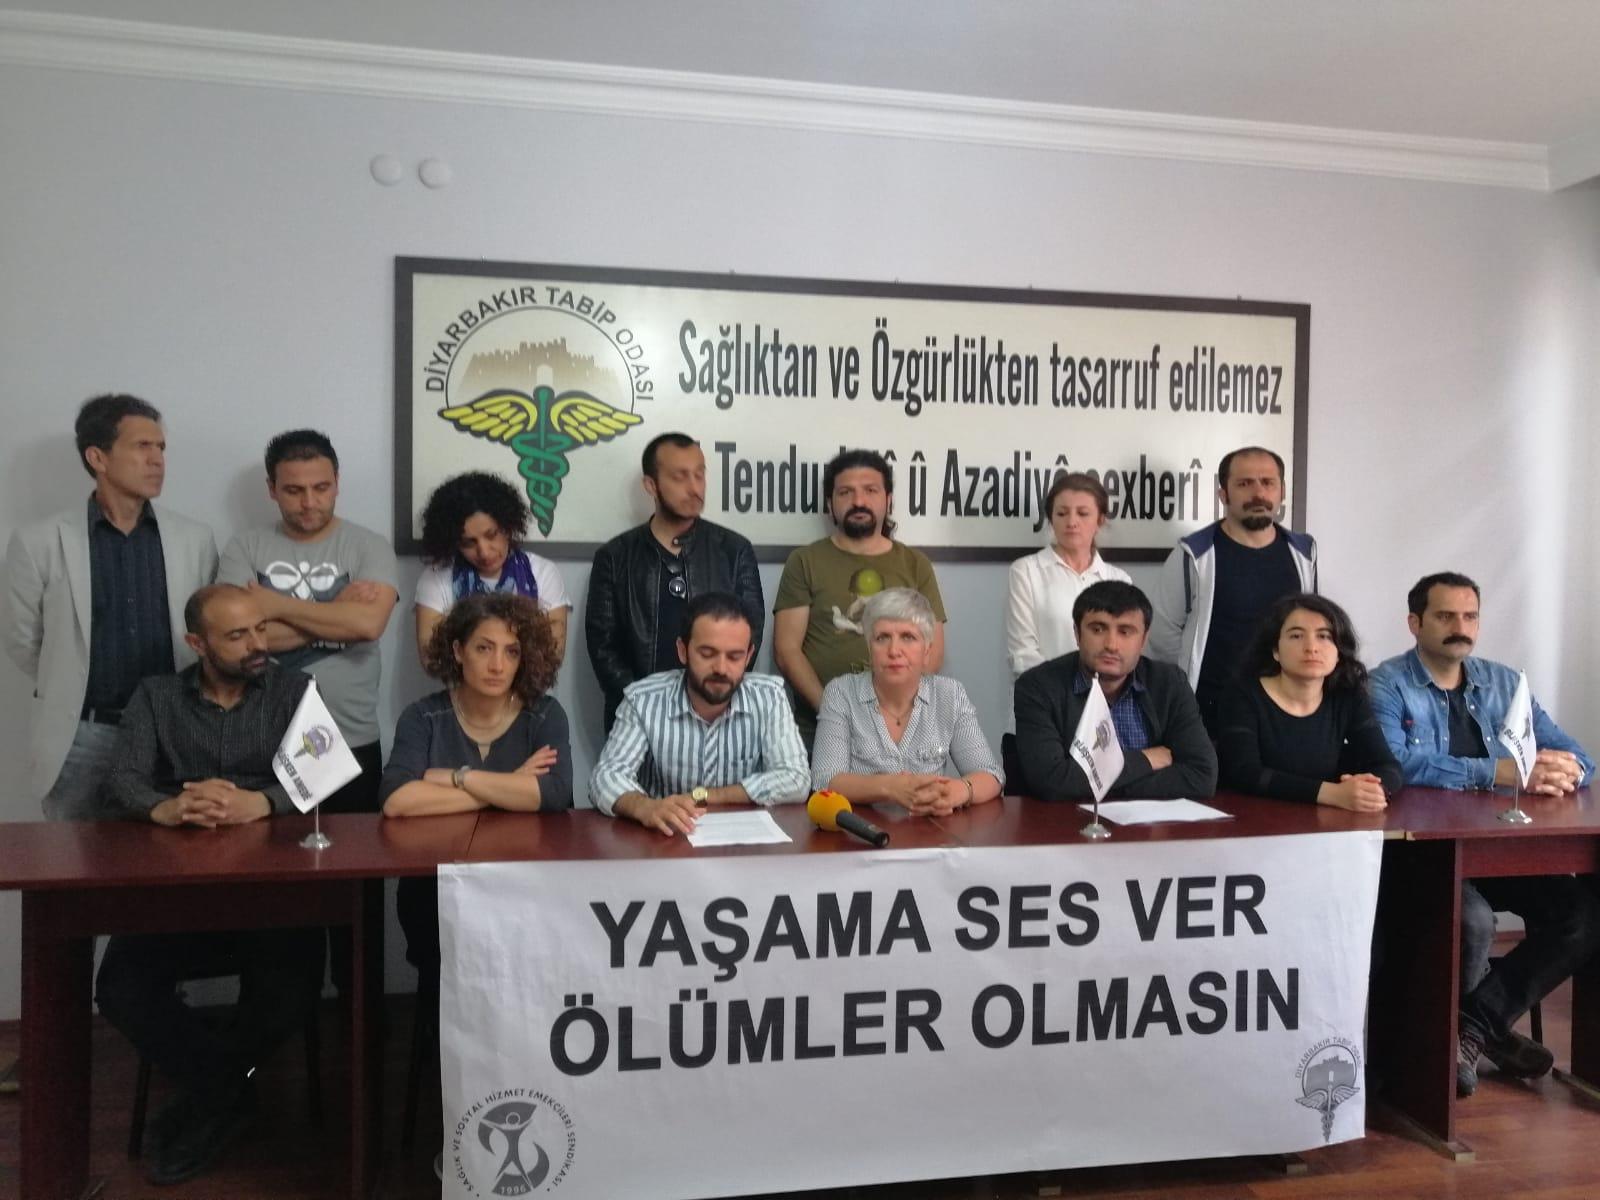 Diyarbakır Şubemiz ve Diyarbakır Tabip Odası: Devam Eden Açlık Grevleri Yaşamı Tehdit Edici Boyutlara Ulaşmıştır!